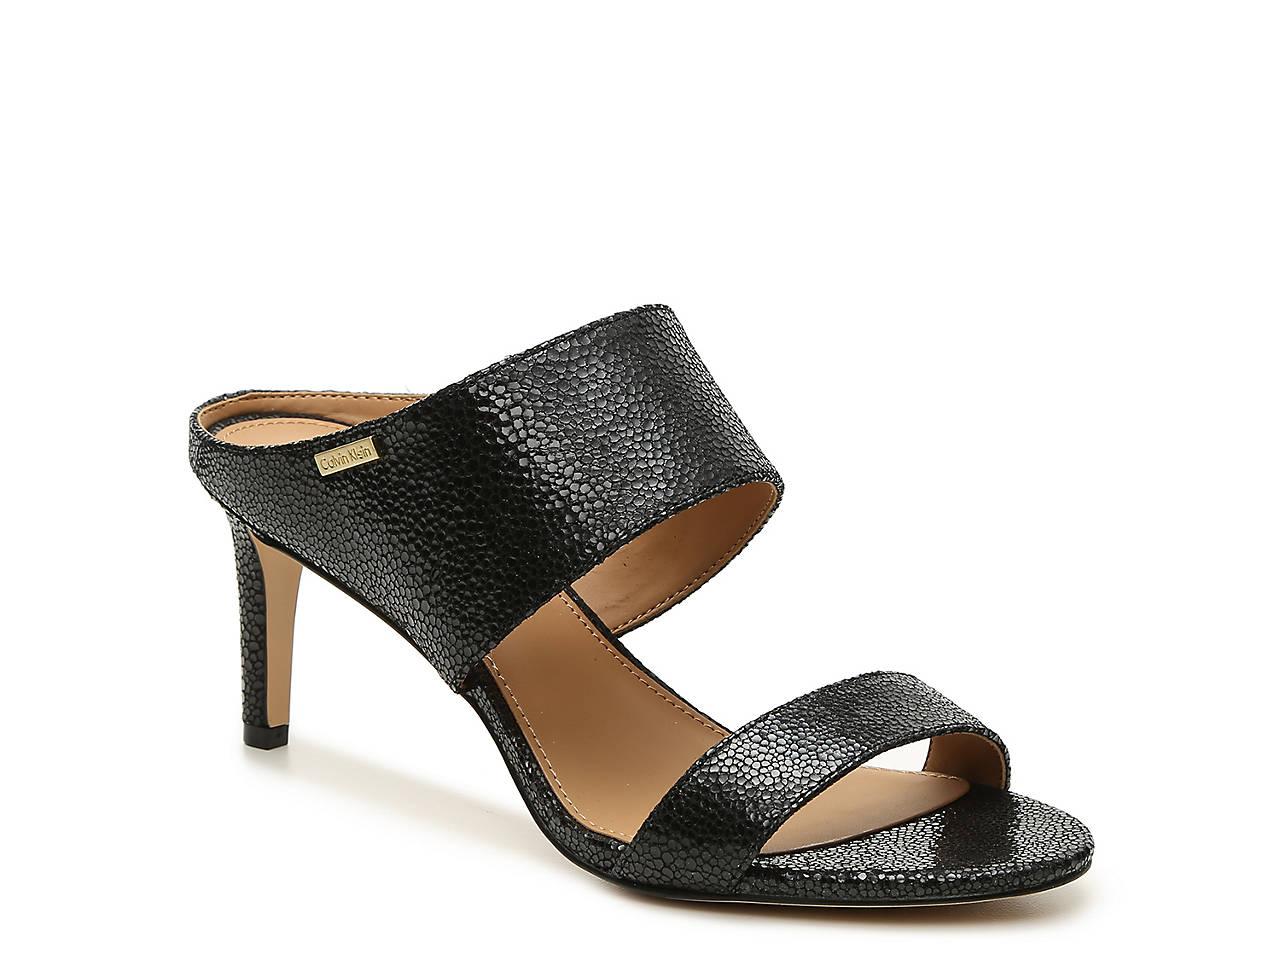 fc3678510dec Calvin Klein Cecily Sandal Women s Shoes